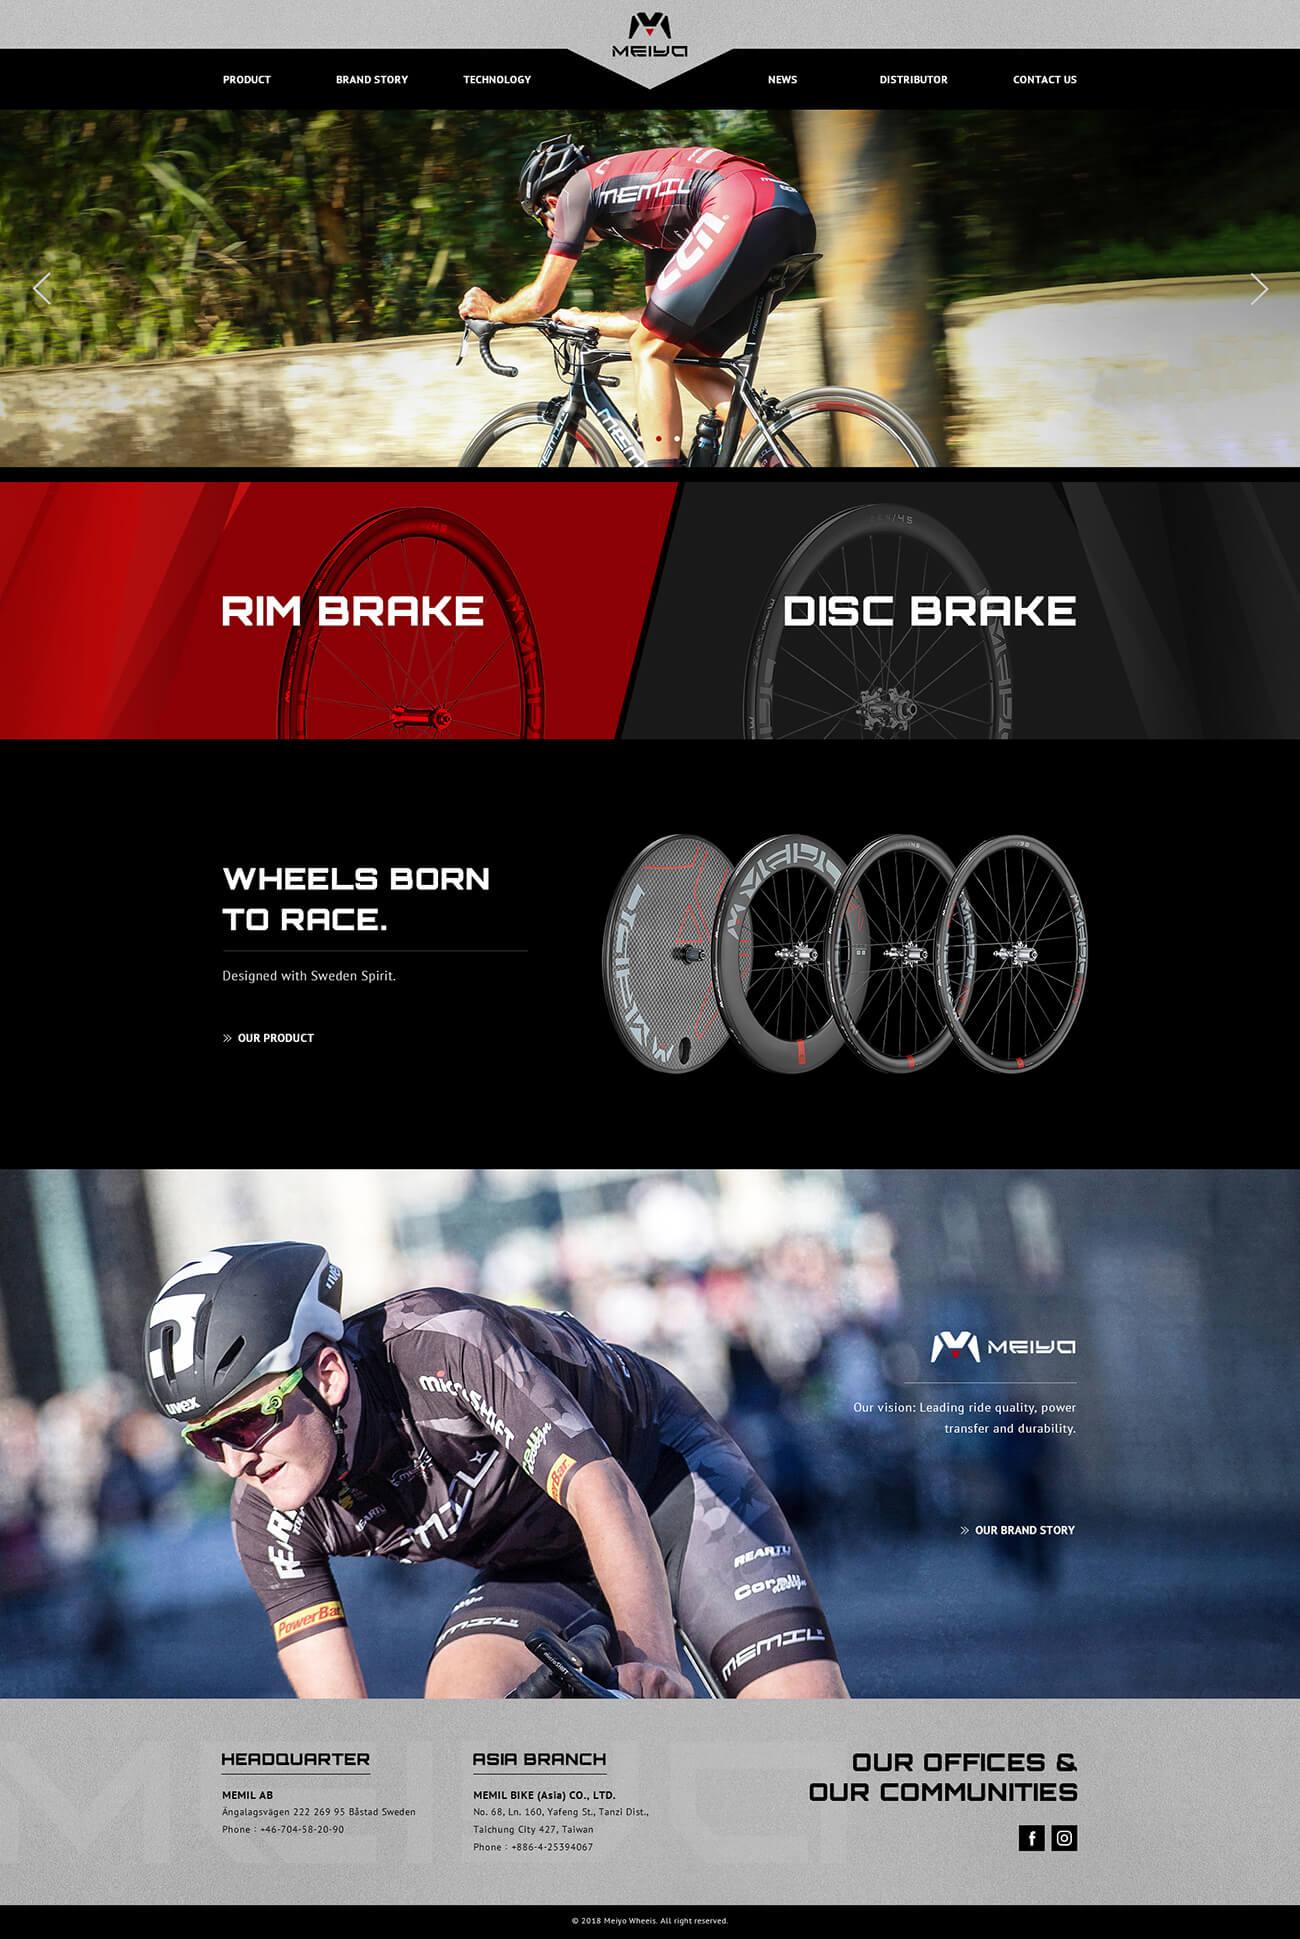 創略國際自行車輪-網頁設計